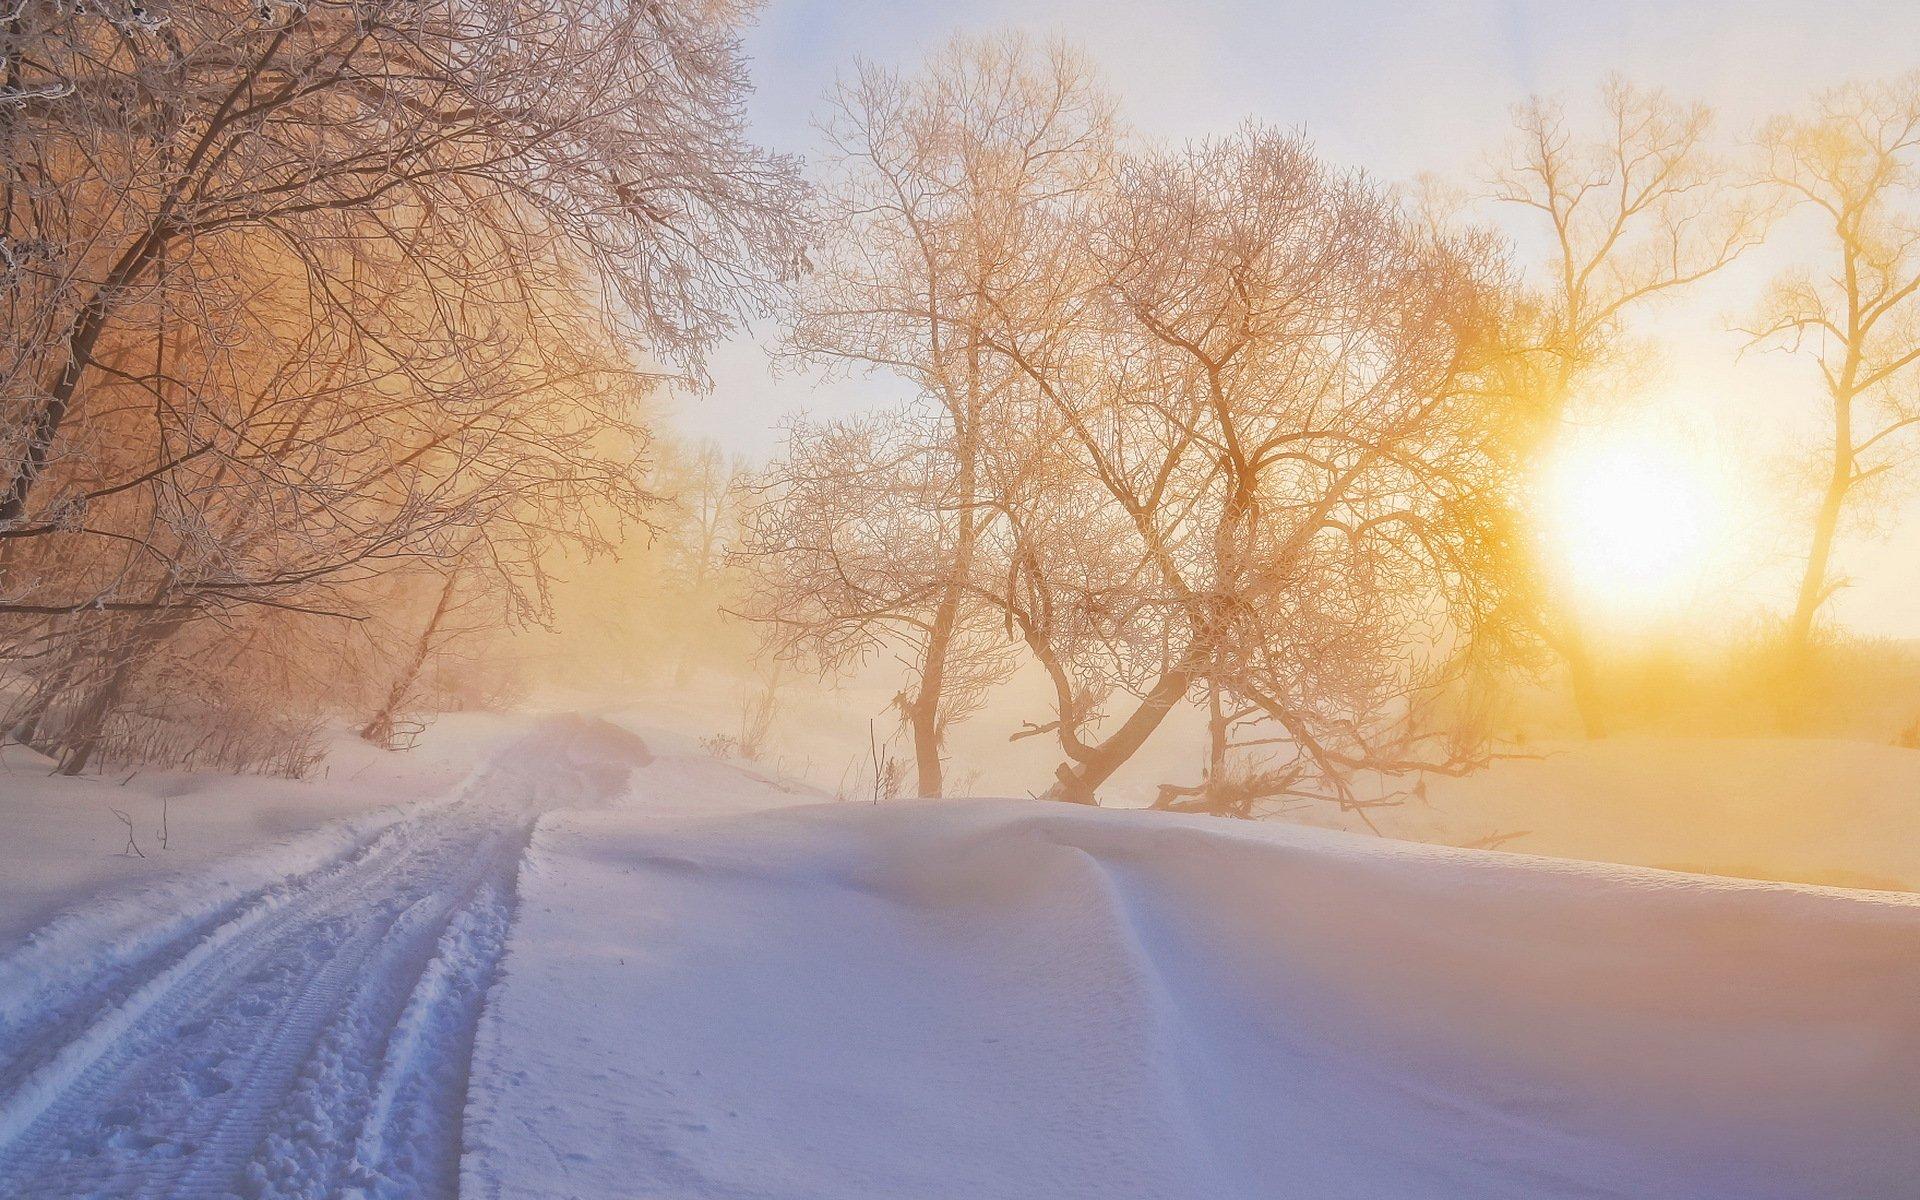 красивые картинки солнца и снега того, бывший